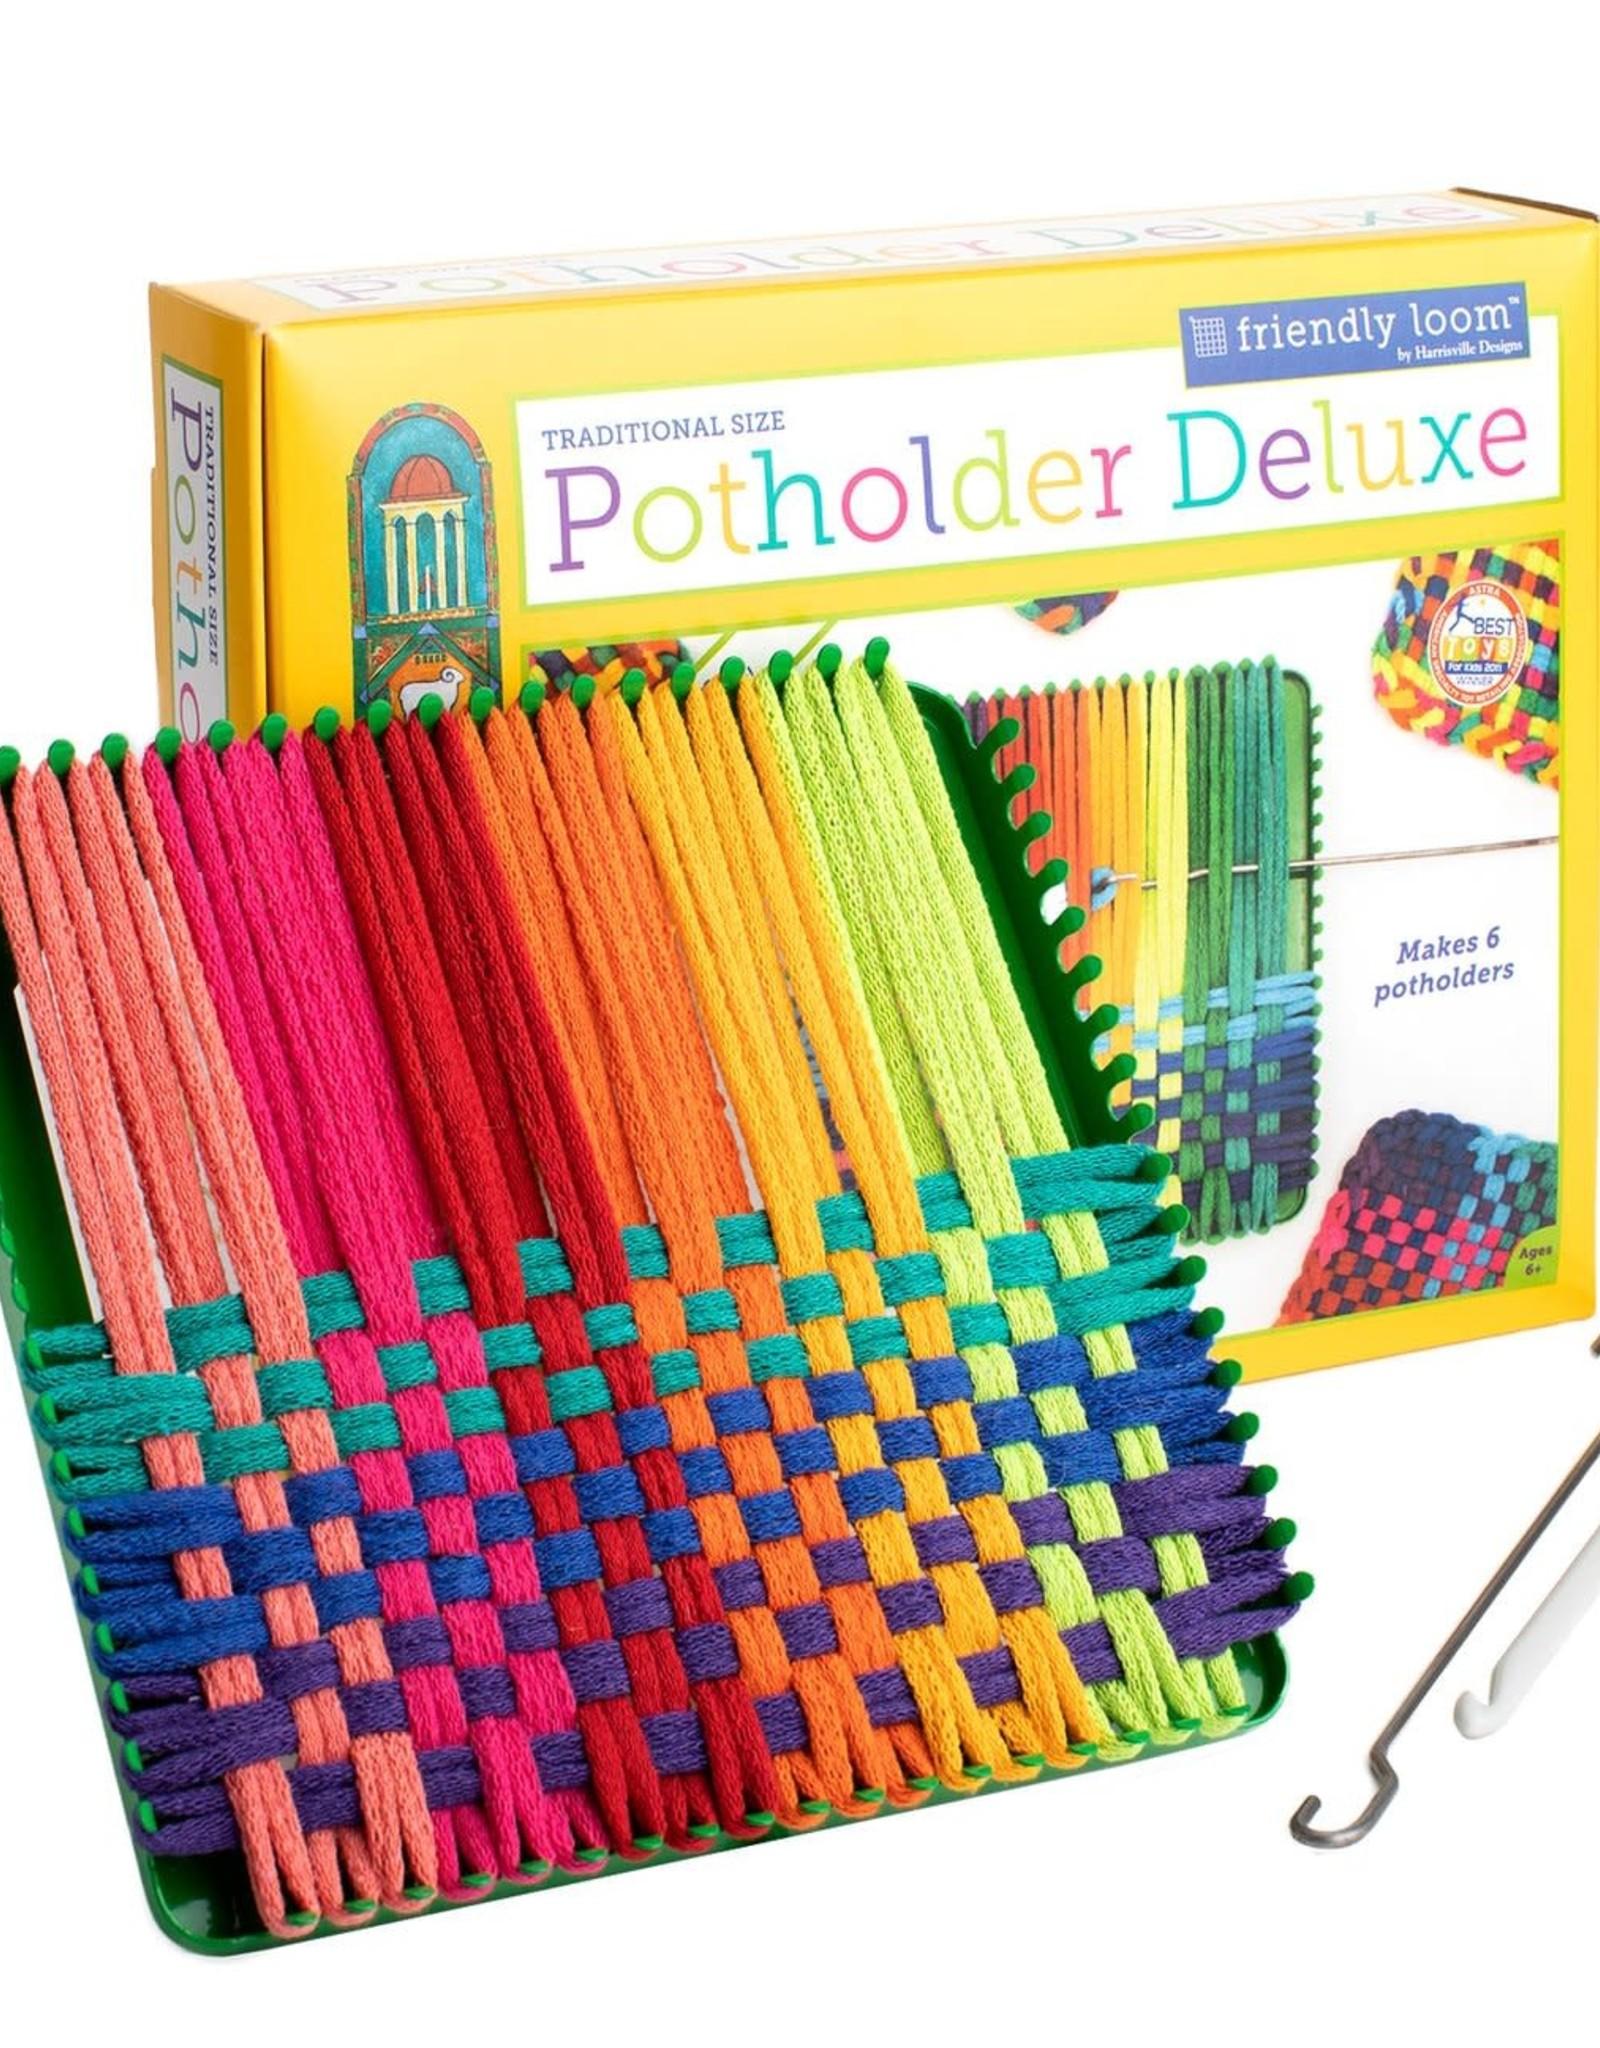 Potholder Deluxe